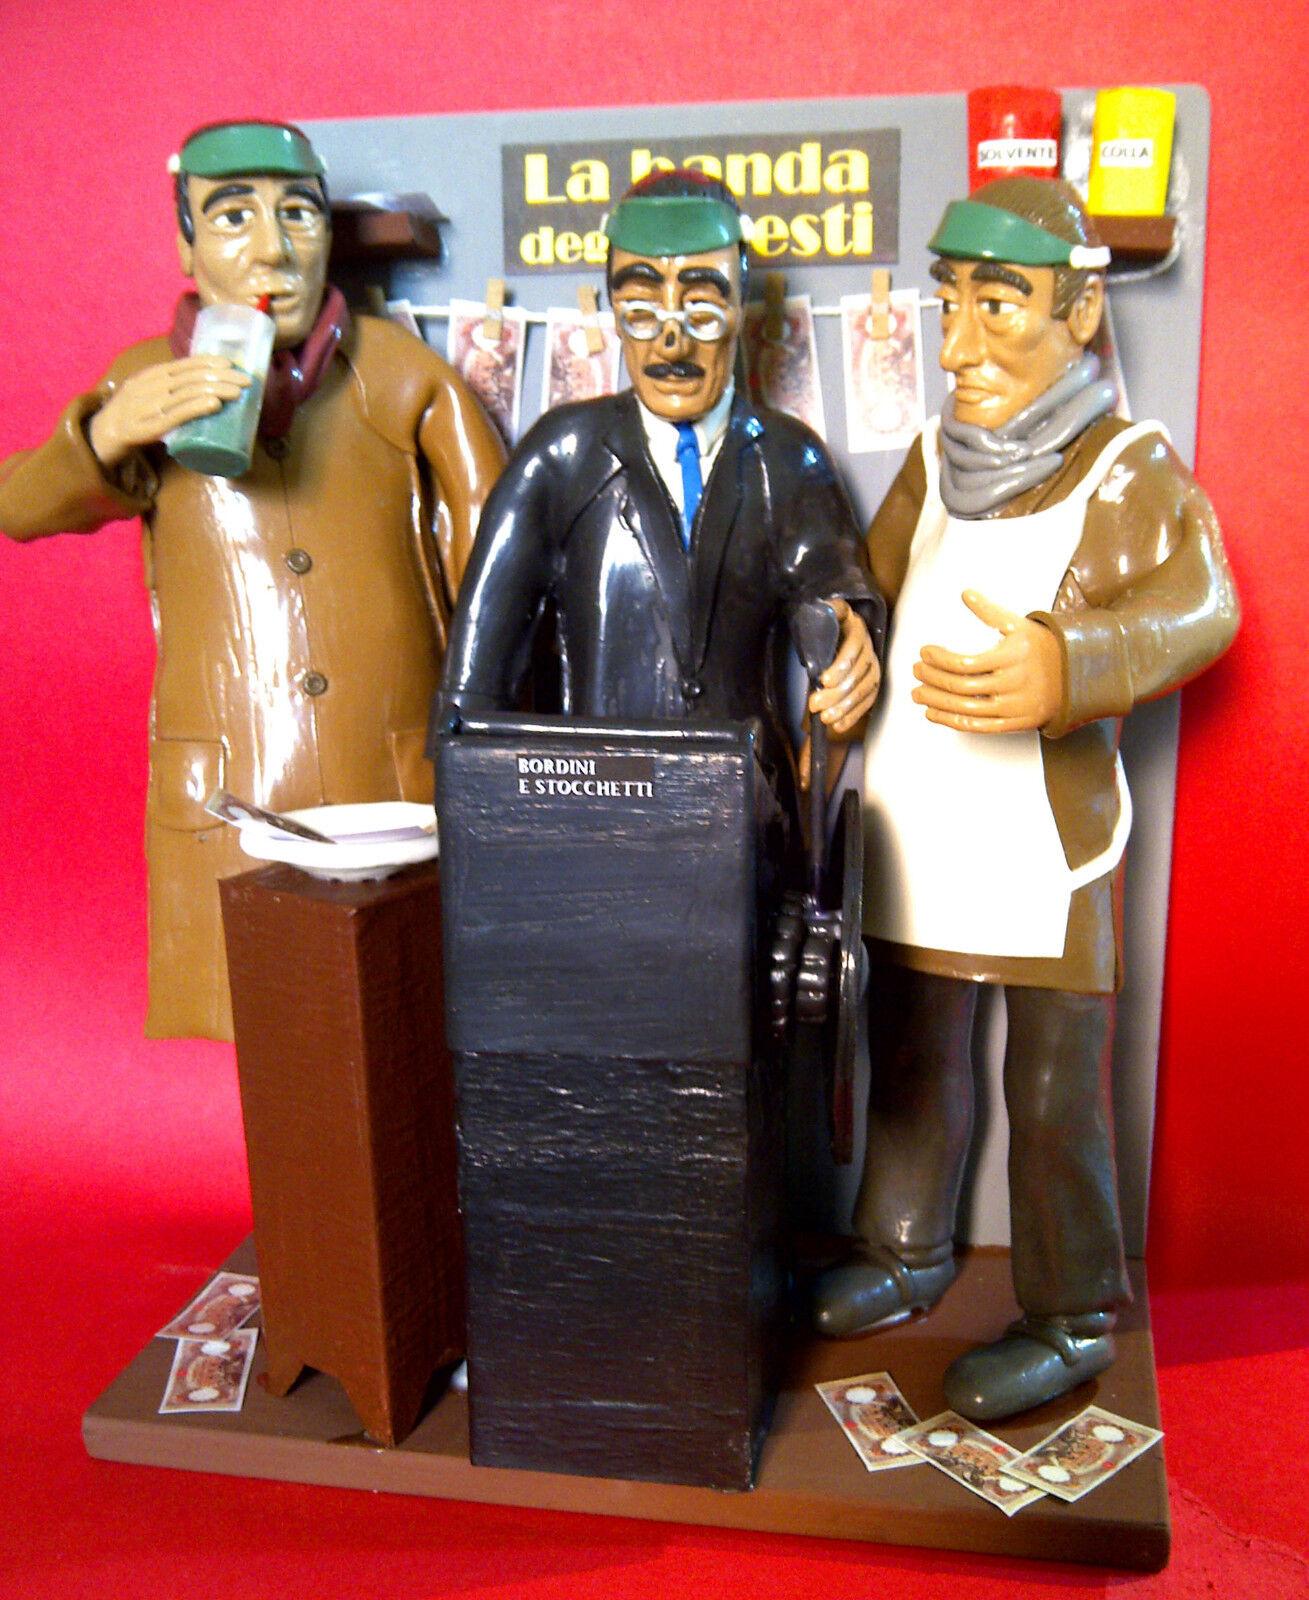 Statuina-Statuetta Totò e Peppino  La Banda degli onesti  scenografia Tipografia